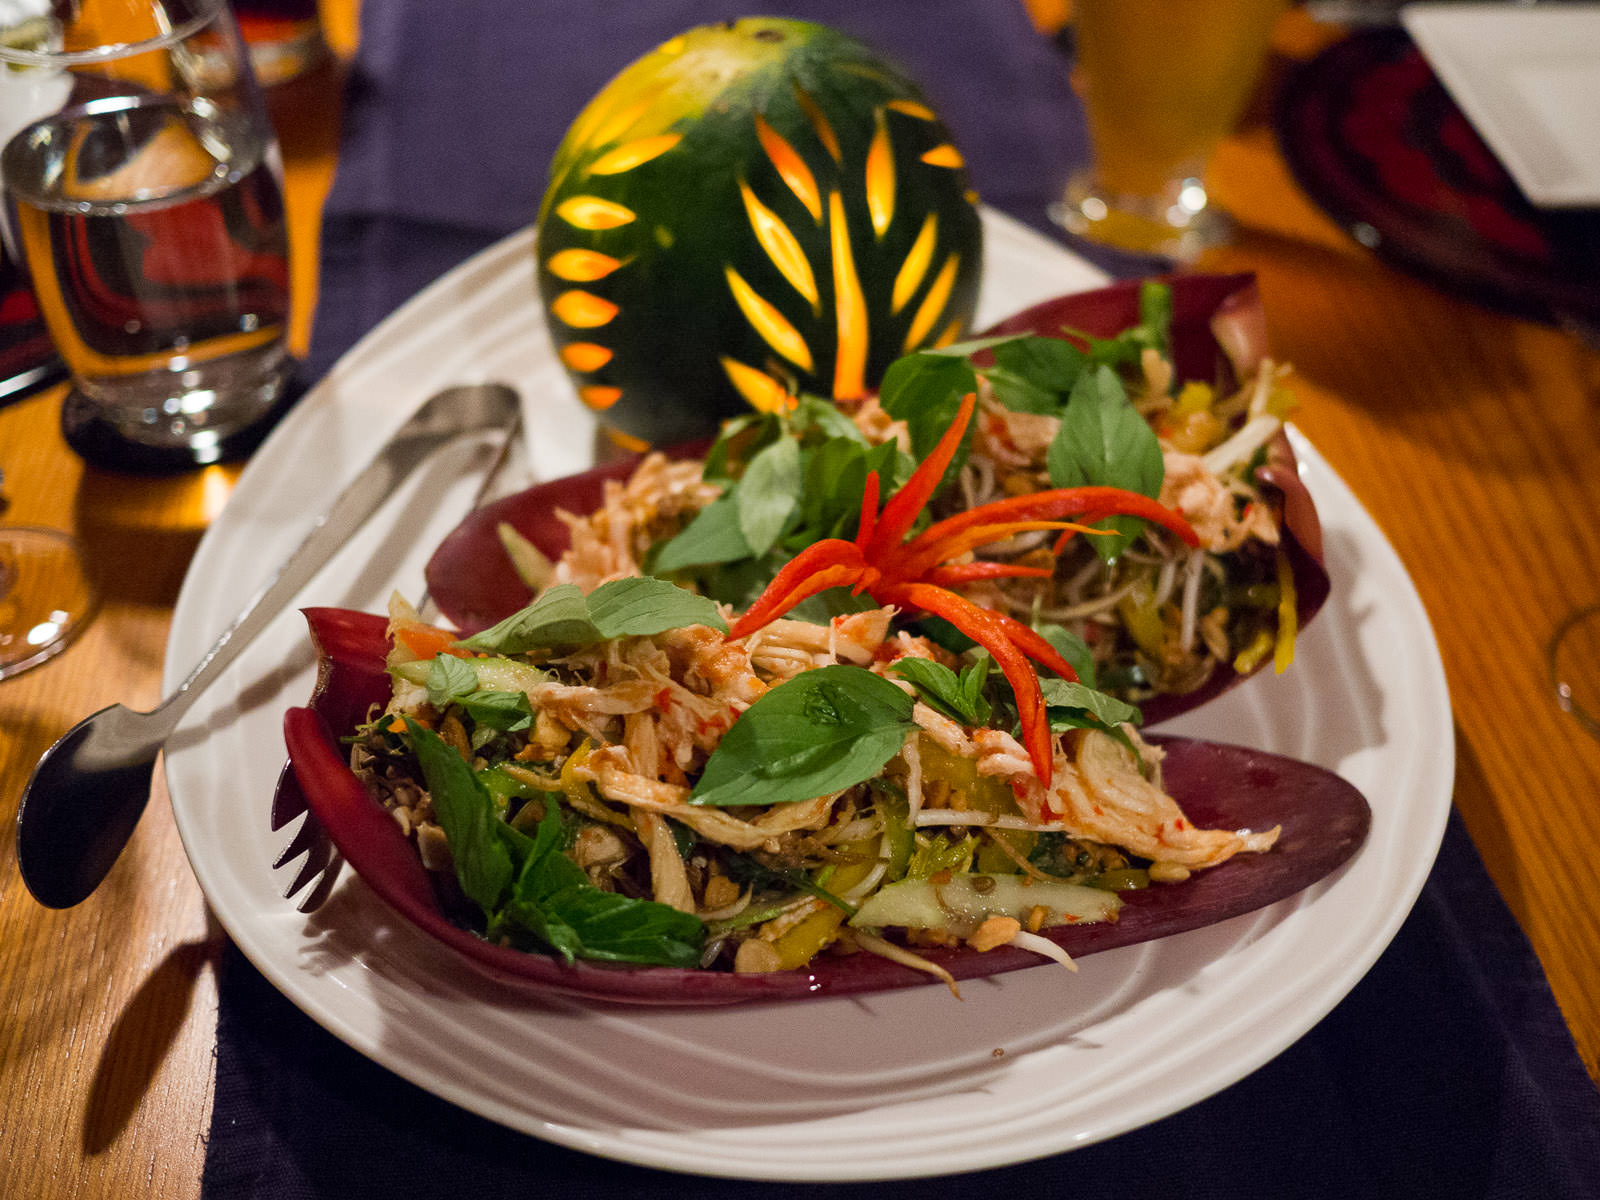 Banana flower salad - dinner starter